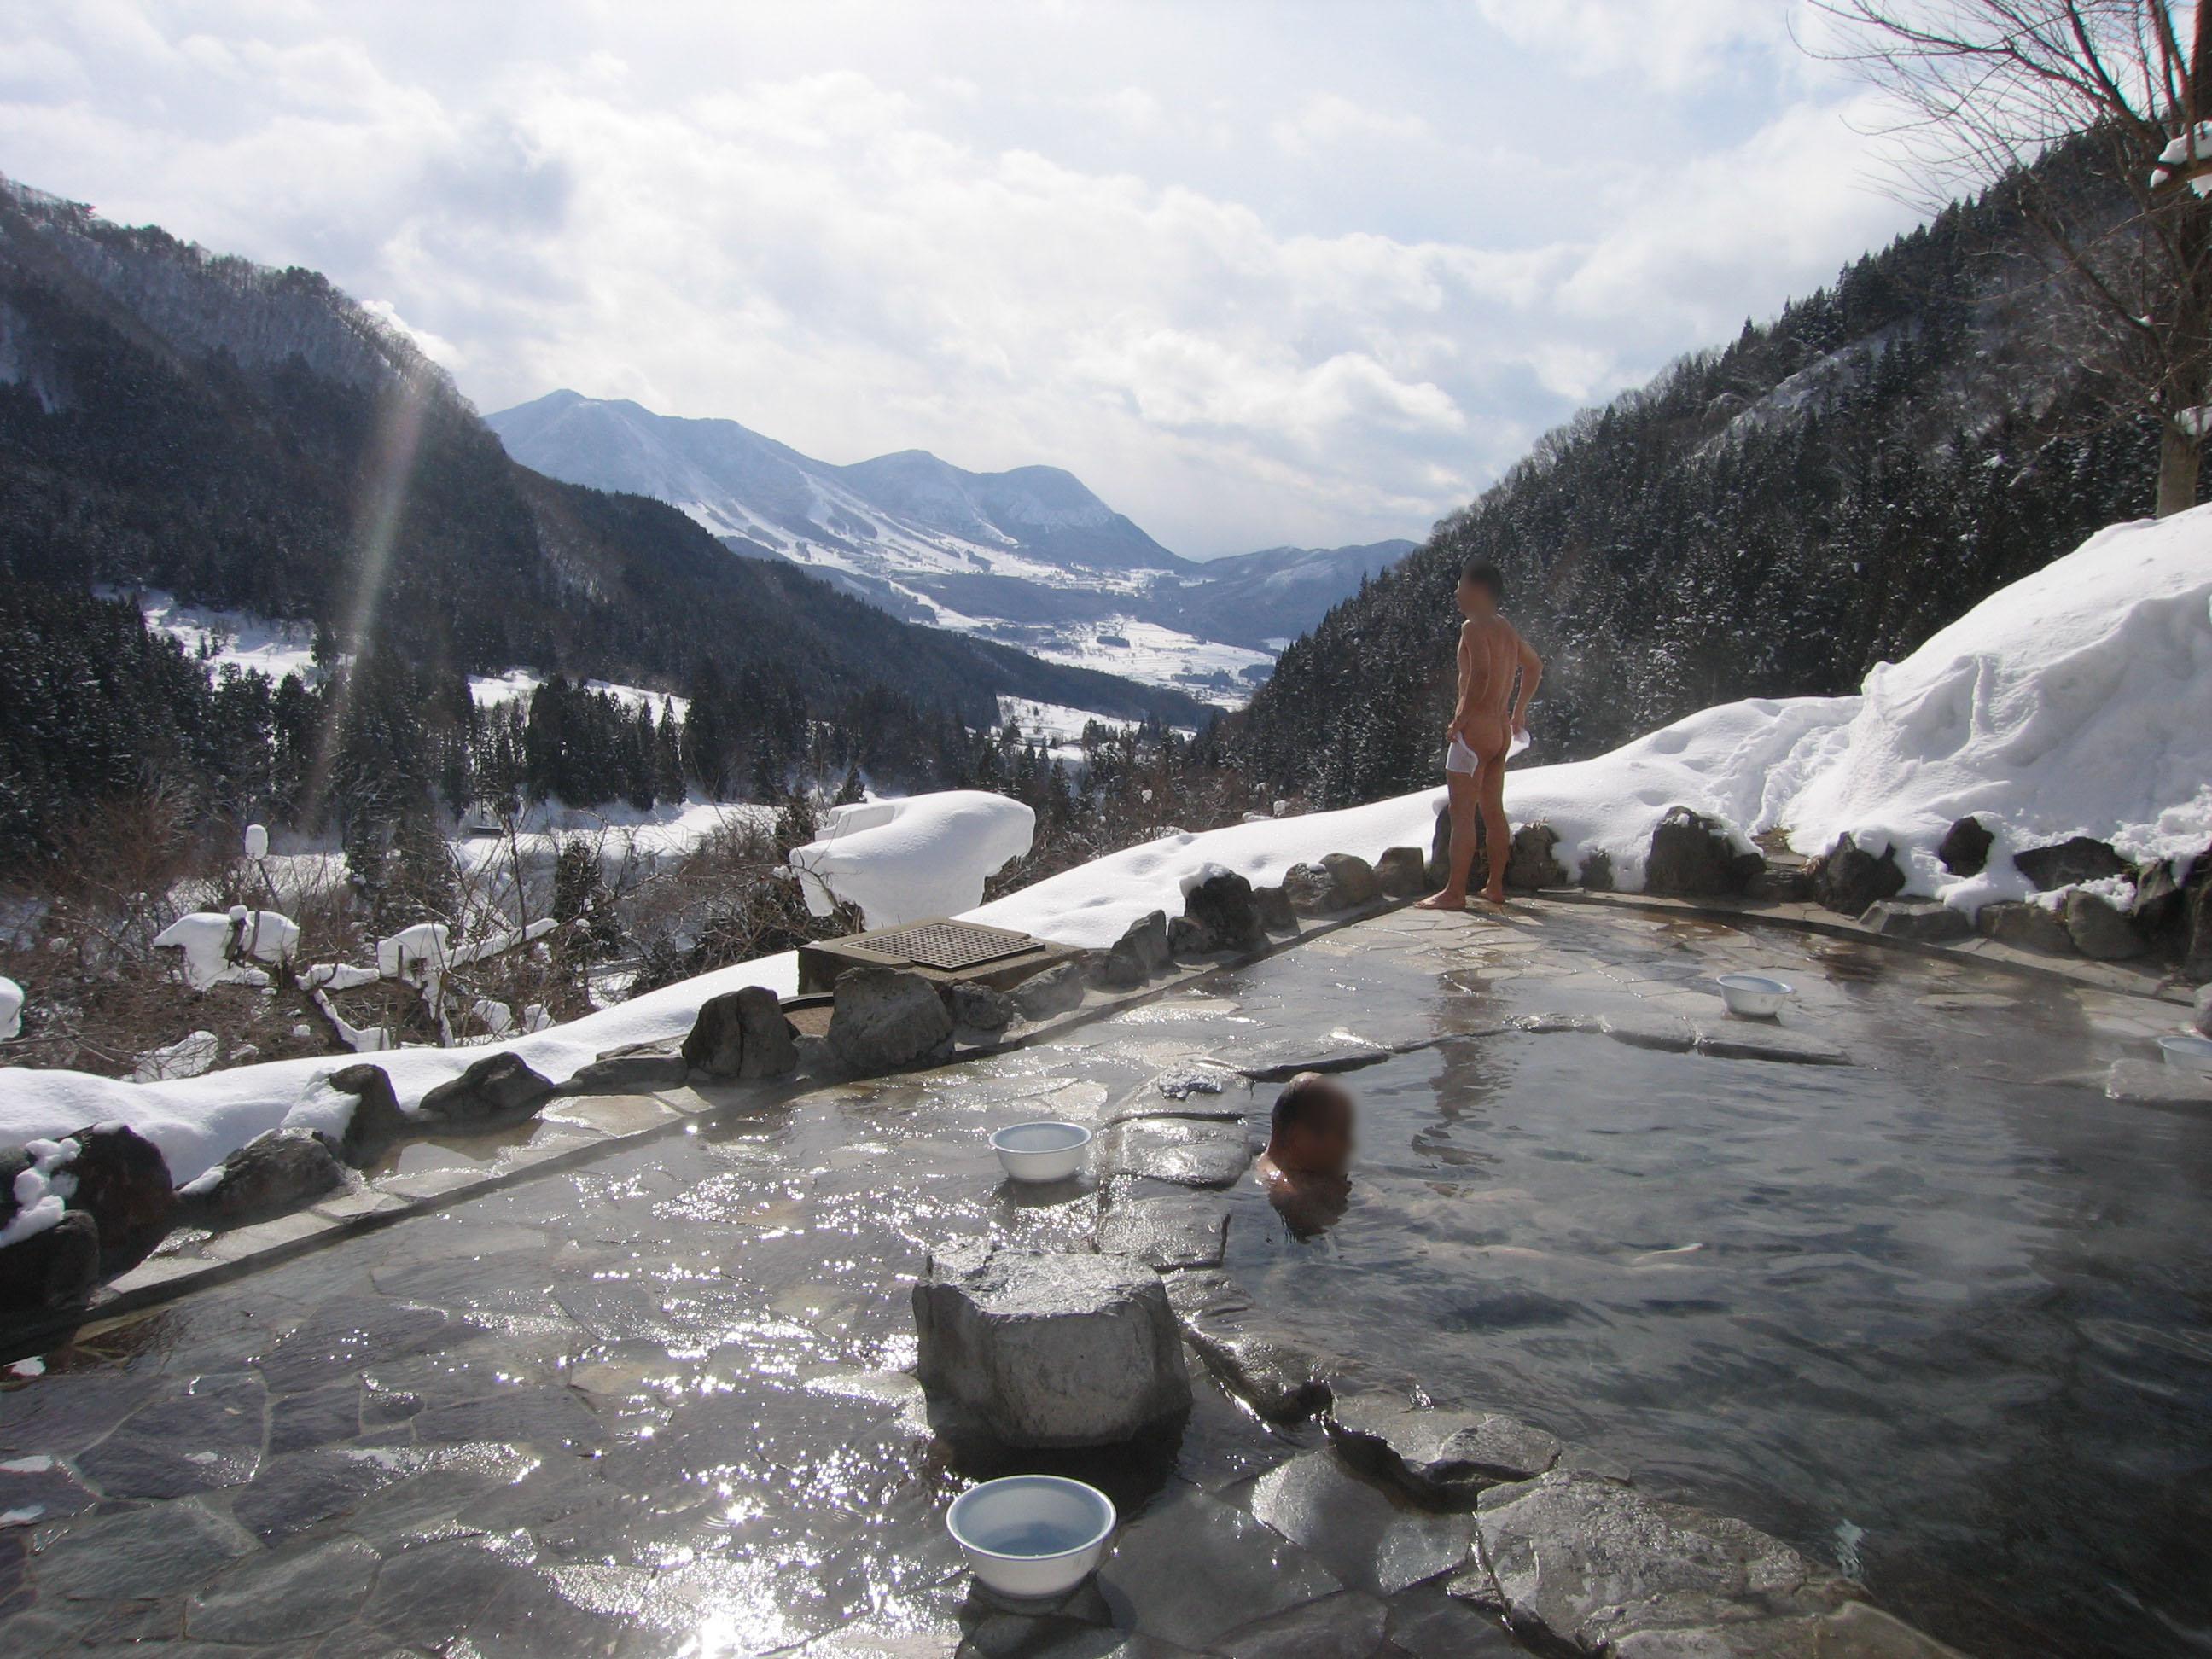 Baños Japoneses Onsen: japoneses no sólo es cuestión de higiene sino de purificación del